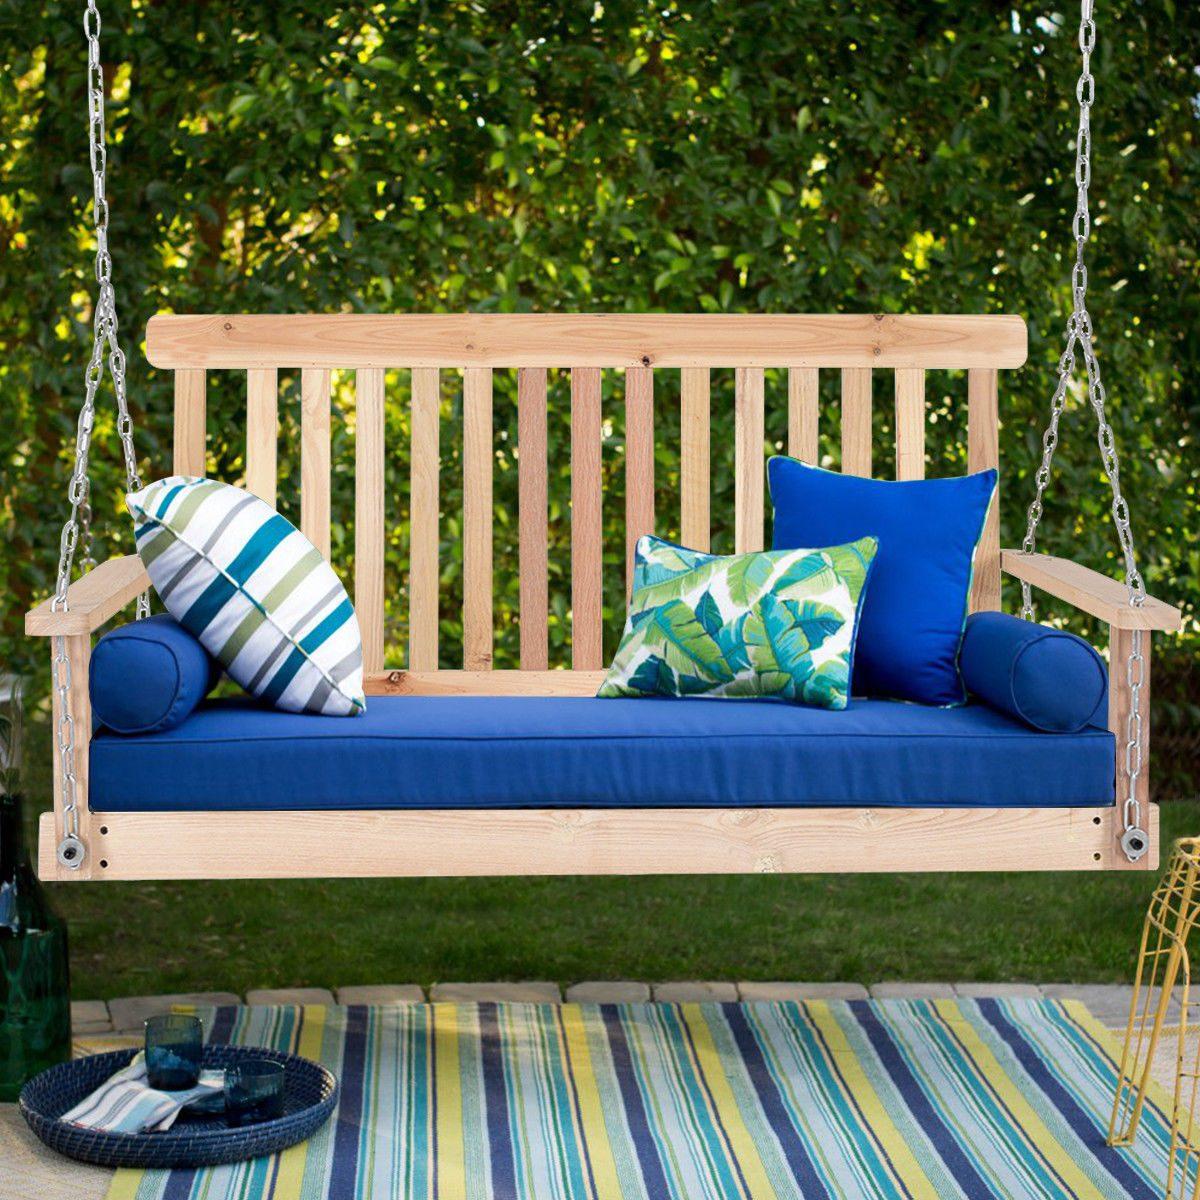 4 pies porche swing natural madera jard n columpio banco - Columpios de madera para jardin ...